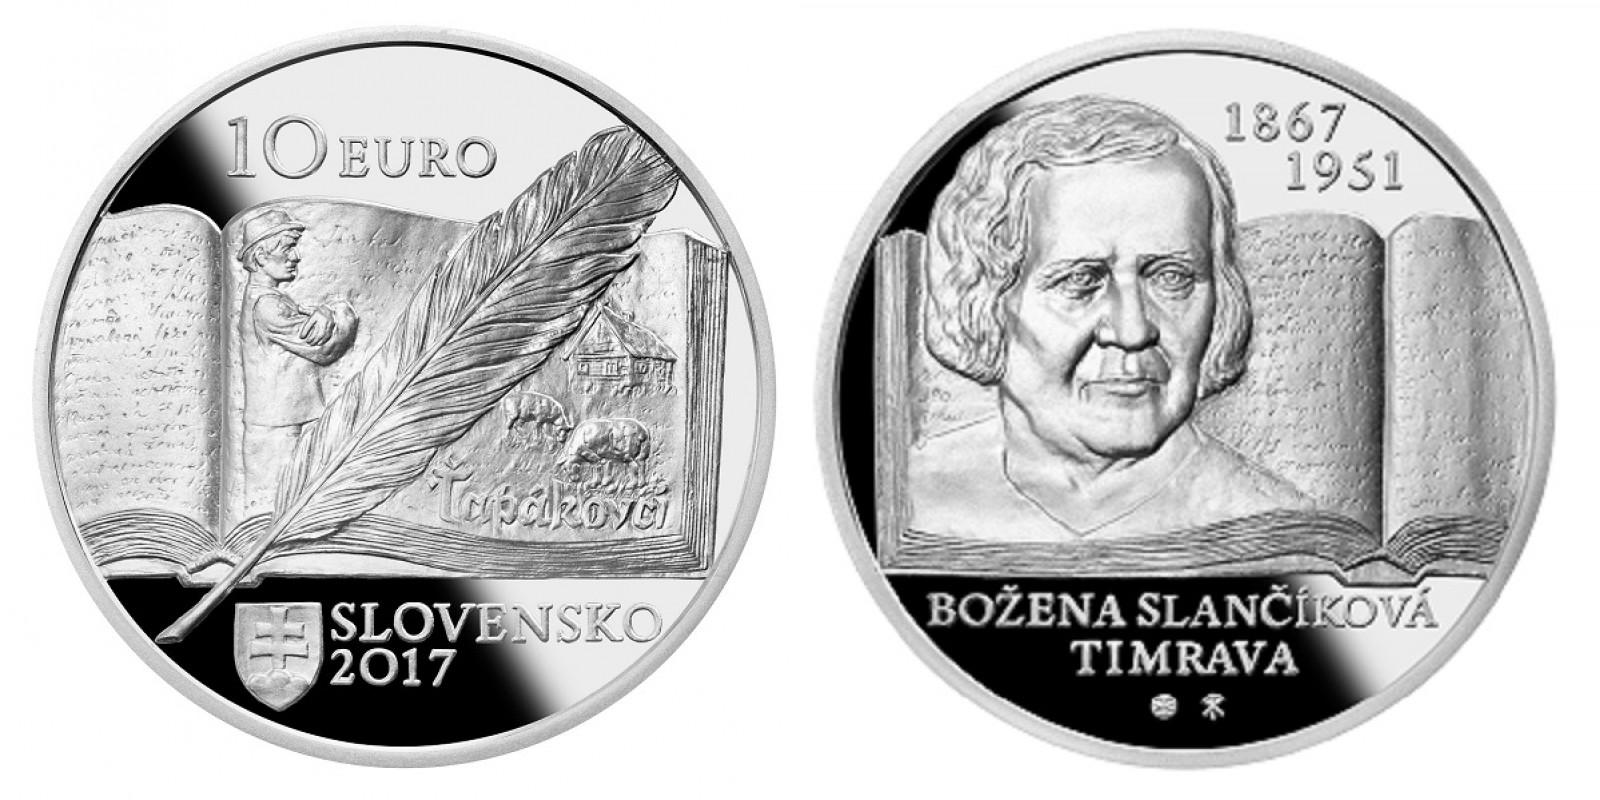 slovaquie 2017 bozena slancikova timrava